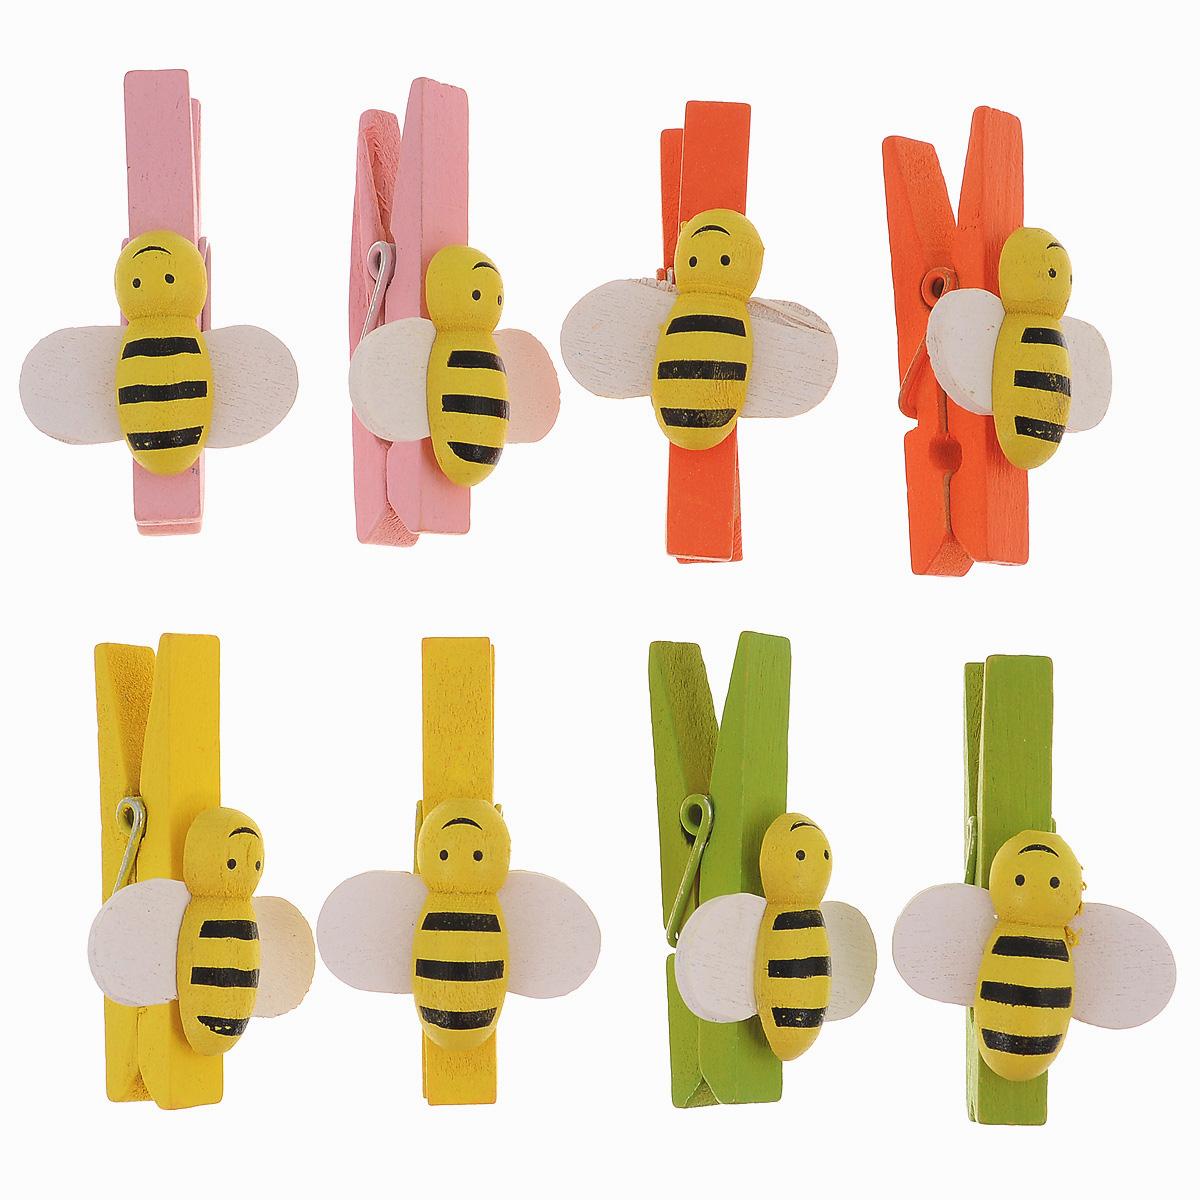 Набор декоративных прищепок Action! Пчелы, 8 штFD020062_ПчелыНабор декоративных прищепок Action! Пчелы непременно понравится вашему ребенку и займет его внимание надолго. Разноцветные деревянные прищепки, украшенные забавными фигурками, можно использовать при декорировании различных предметов и поделок. Игра с набором развивает мелкую моторику, усидчивость и формирует художественный вкус. Длина прищепки: 4,5 см.